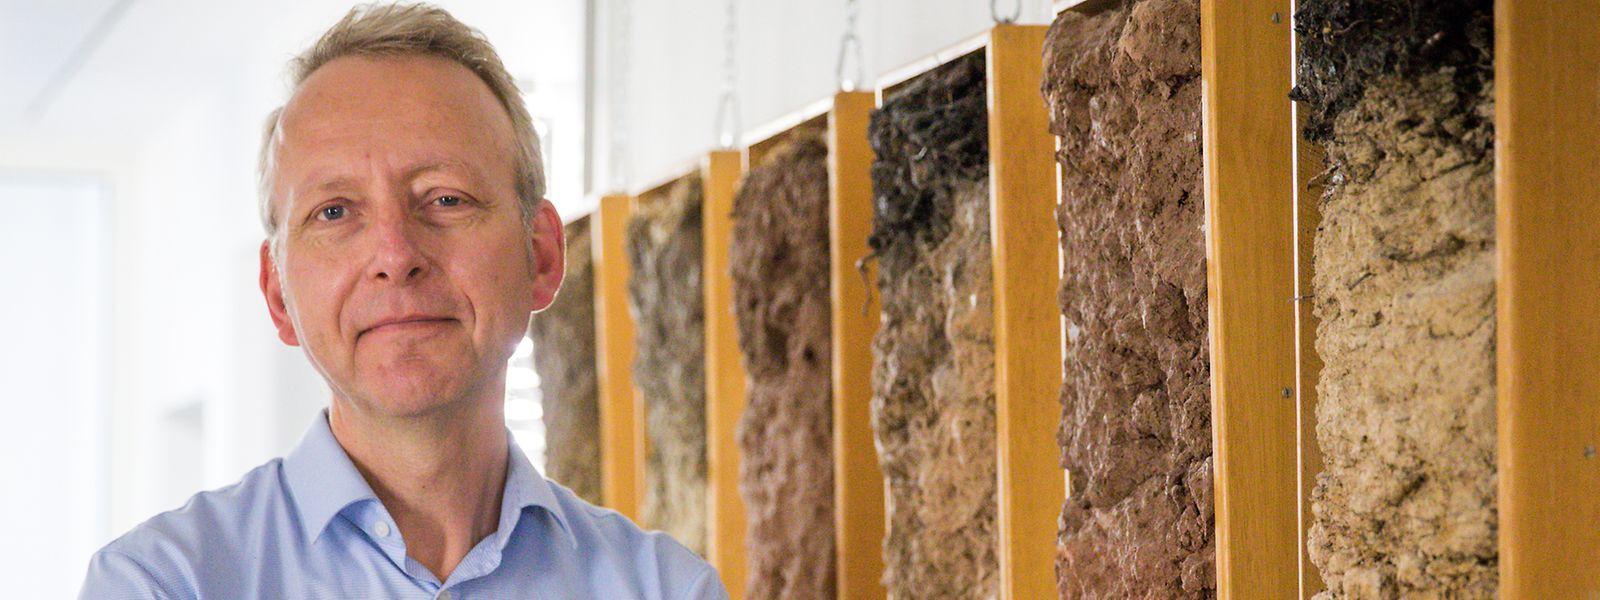 Der Agrarwissenschaftler Sören Thiele-Bruhn beschäftigt sich mit Bodenproben an der Universität Trier.